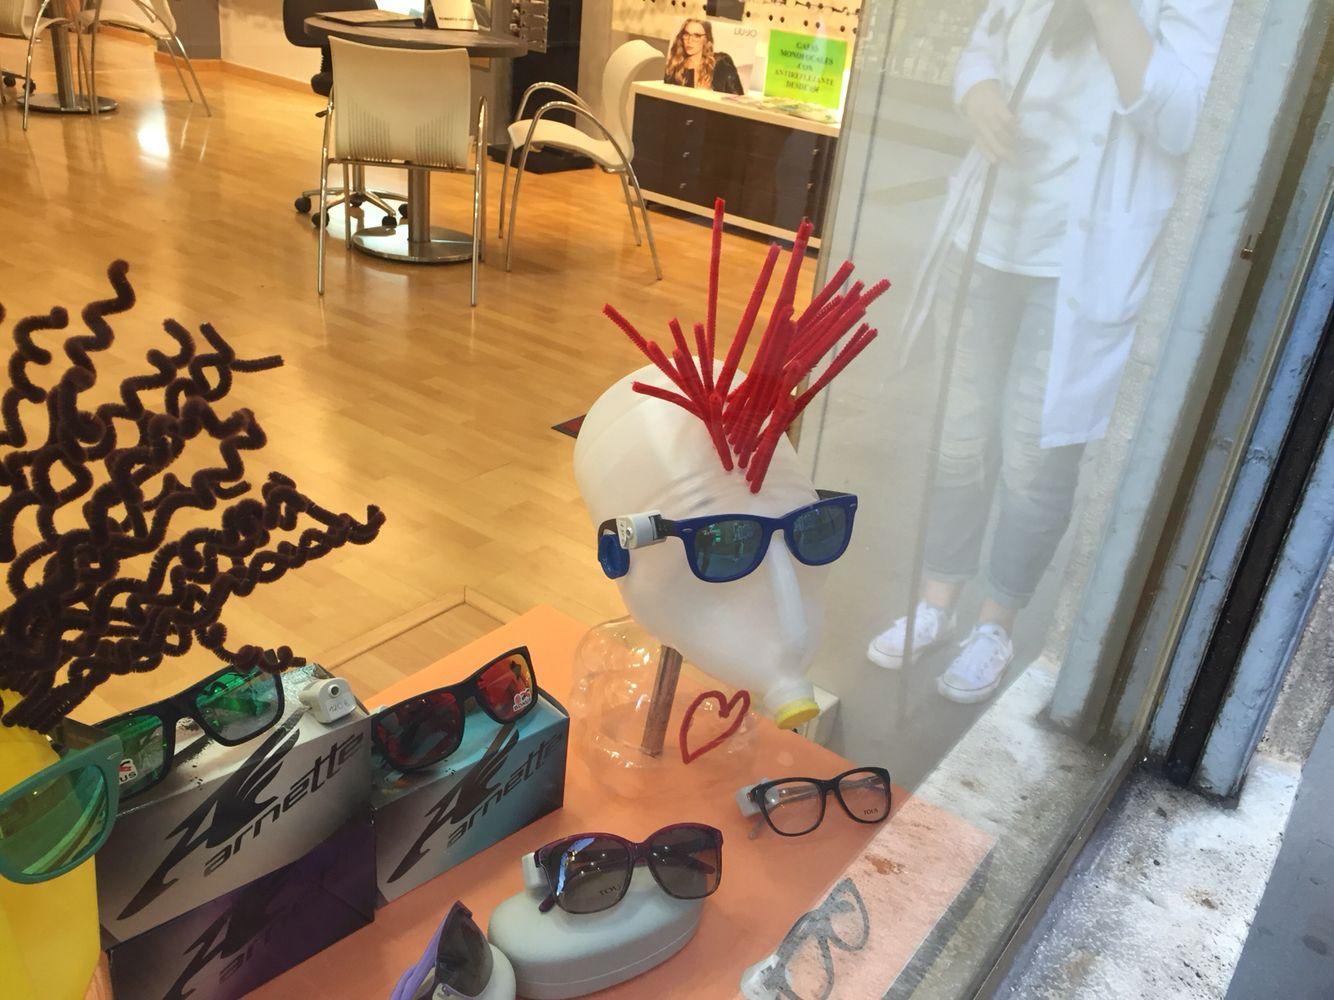 Maniquí optica Teruel gafas handmade reciclado